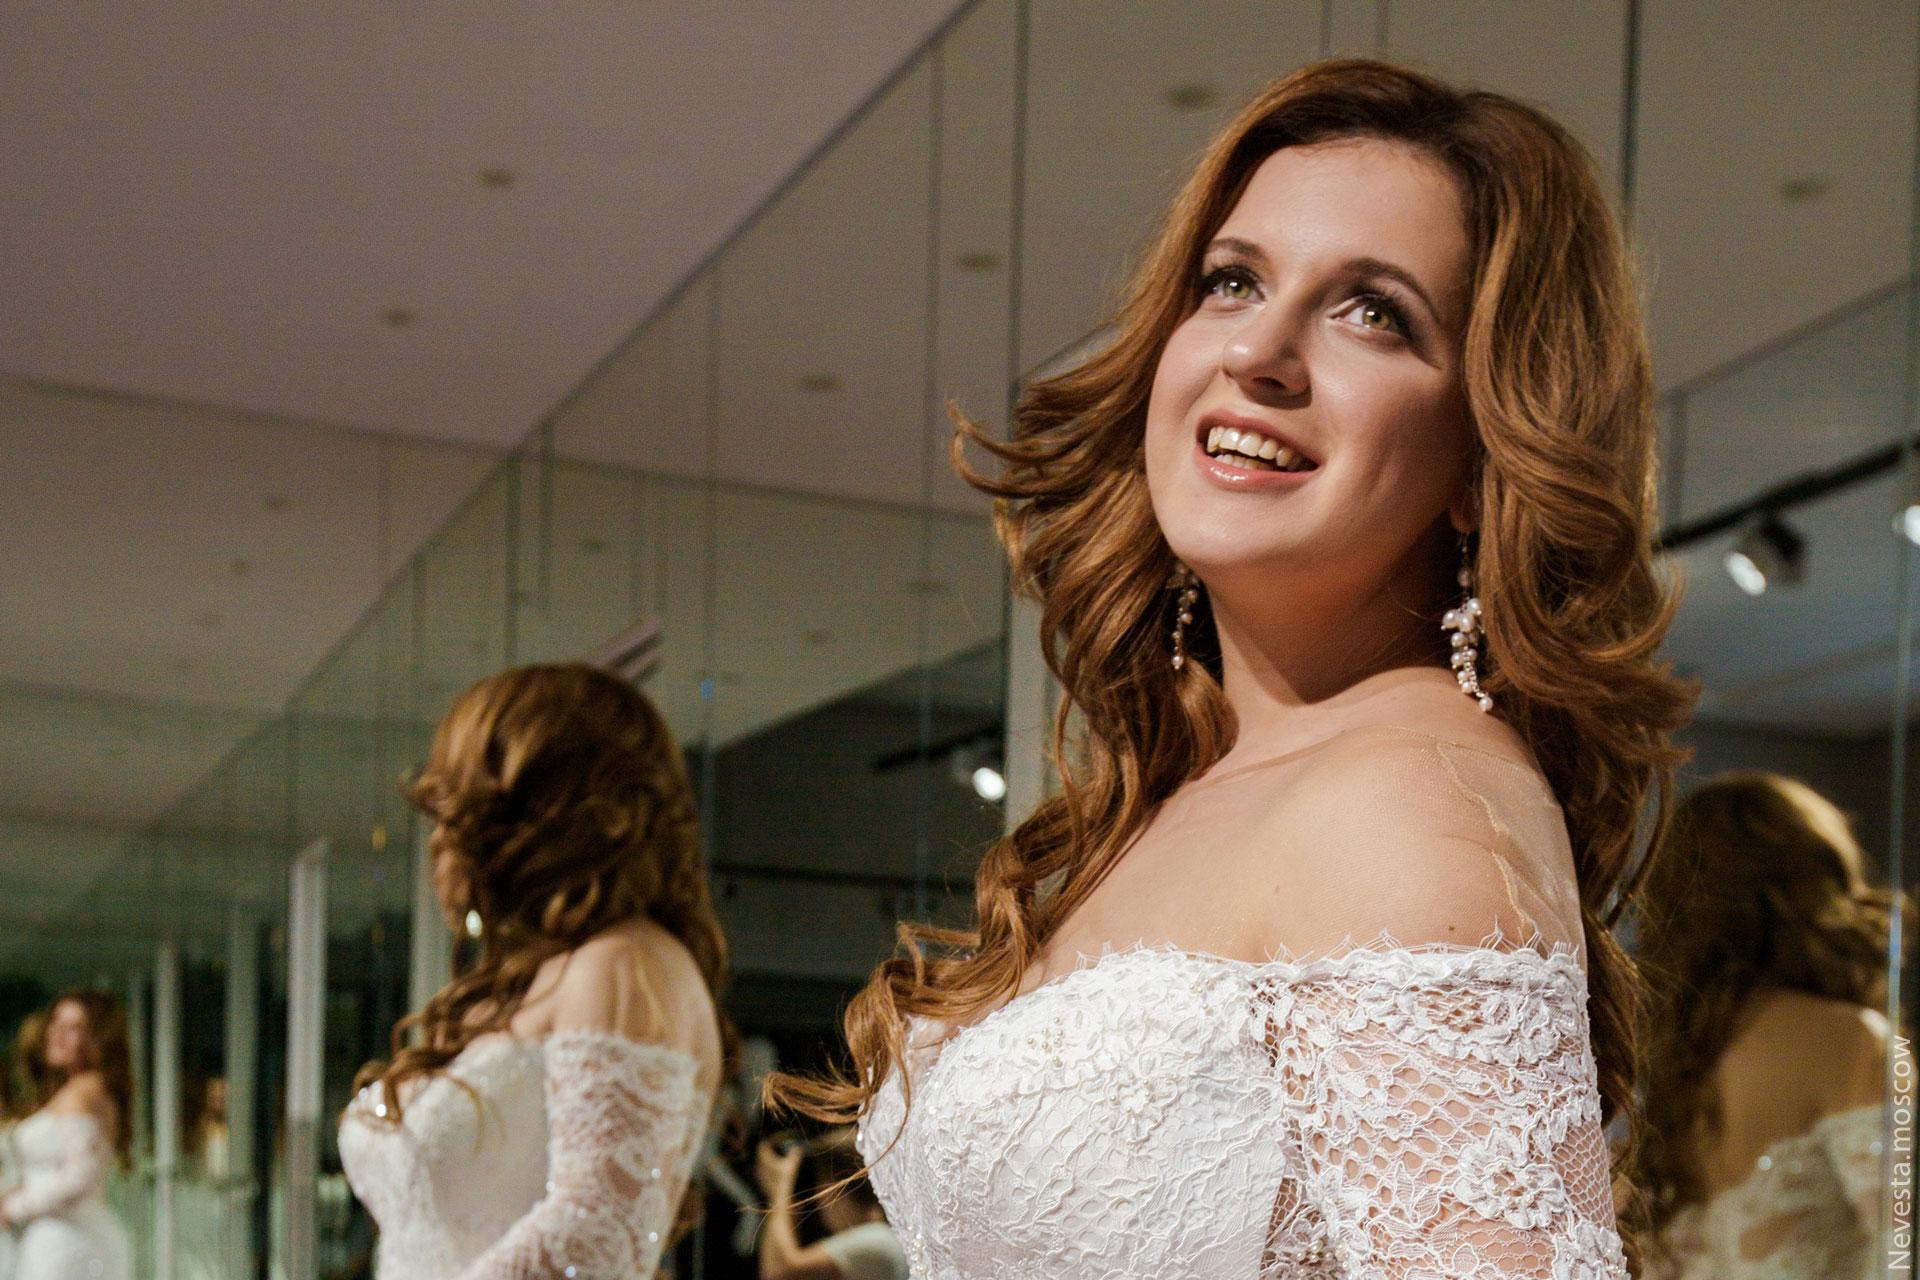 Анастасия Денисова выбирает образ для своей свадьбы фото 13